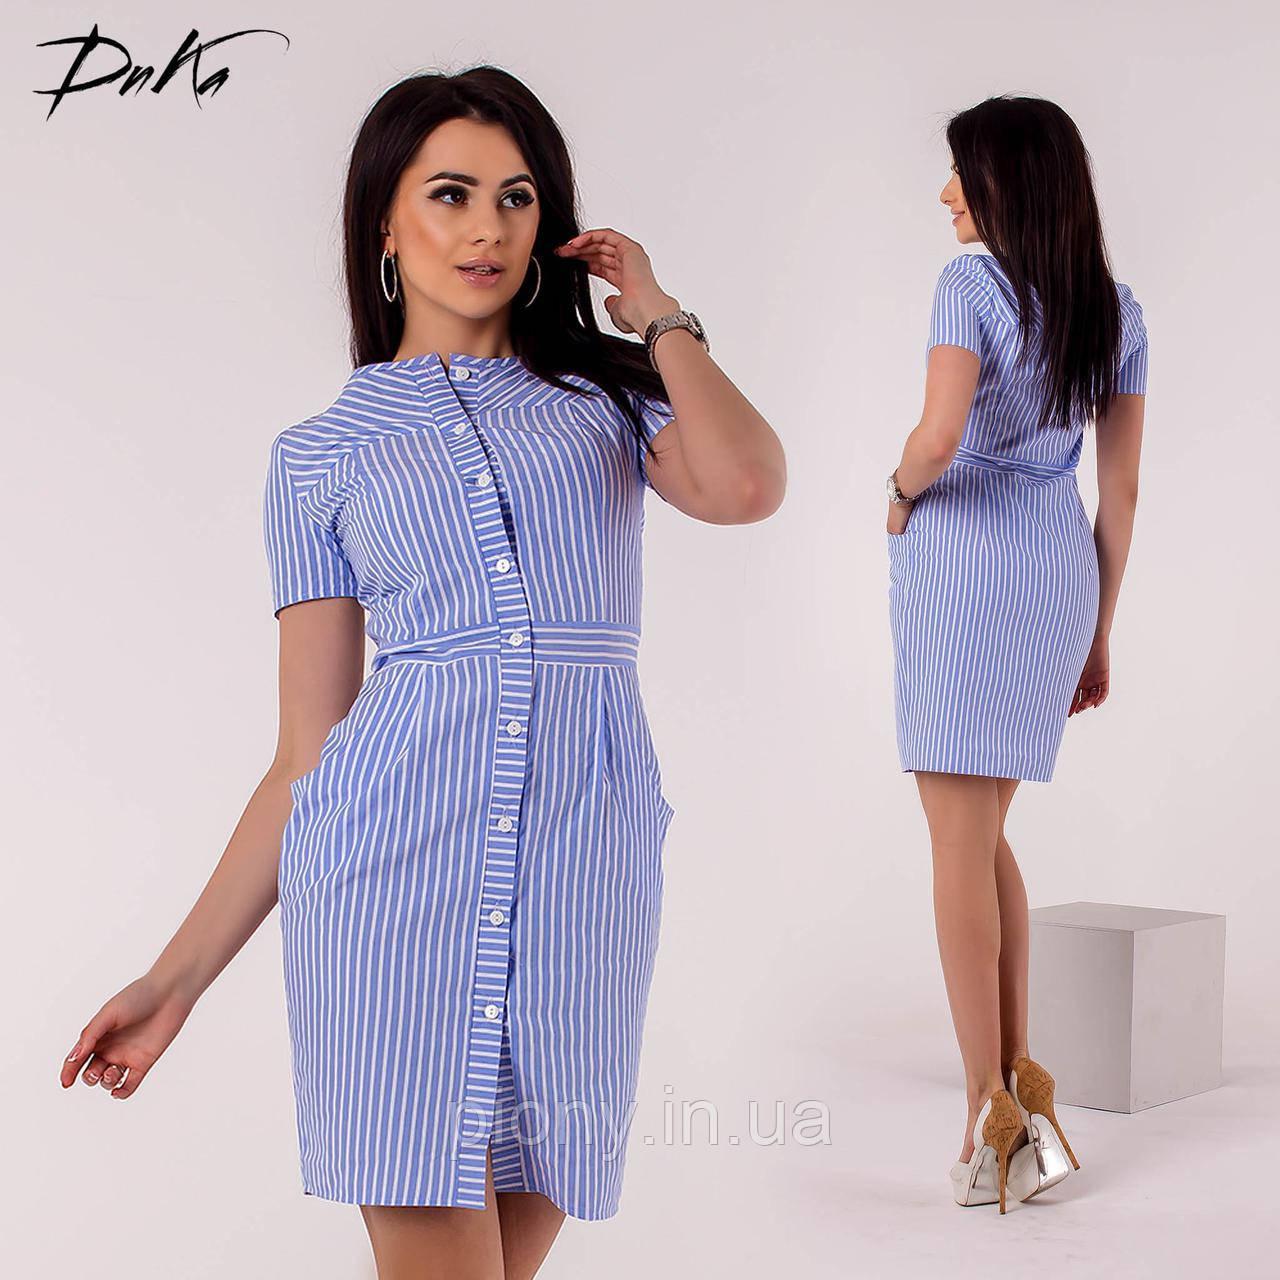 2865b1d21475 Женское летнее платье полоска с карманами